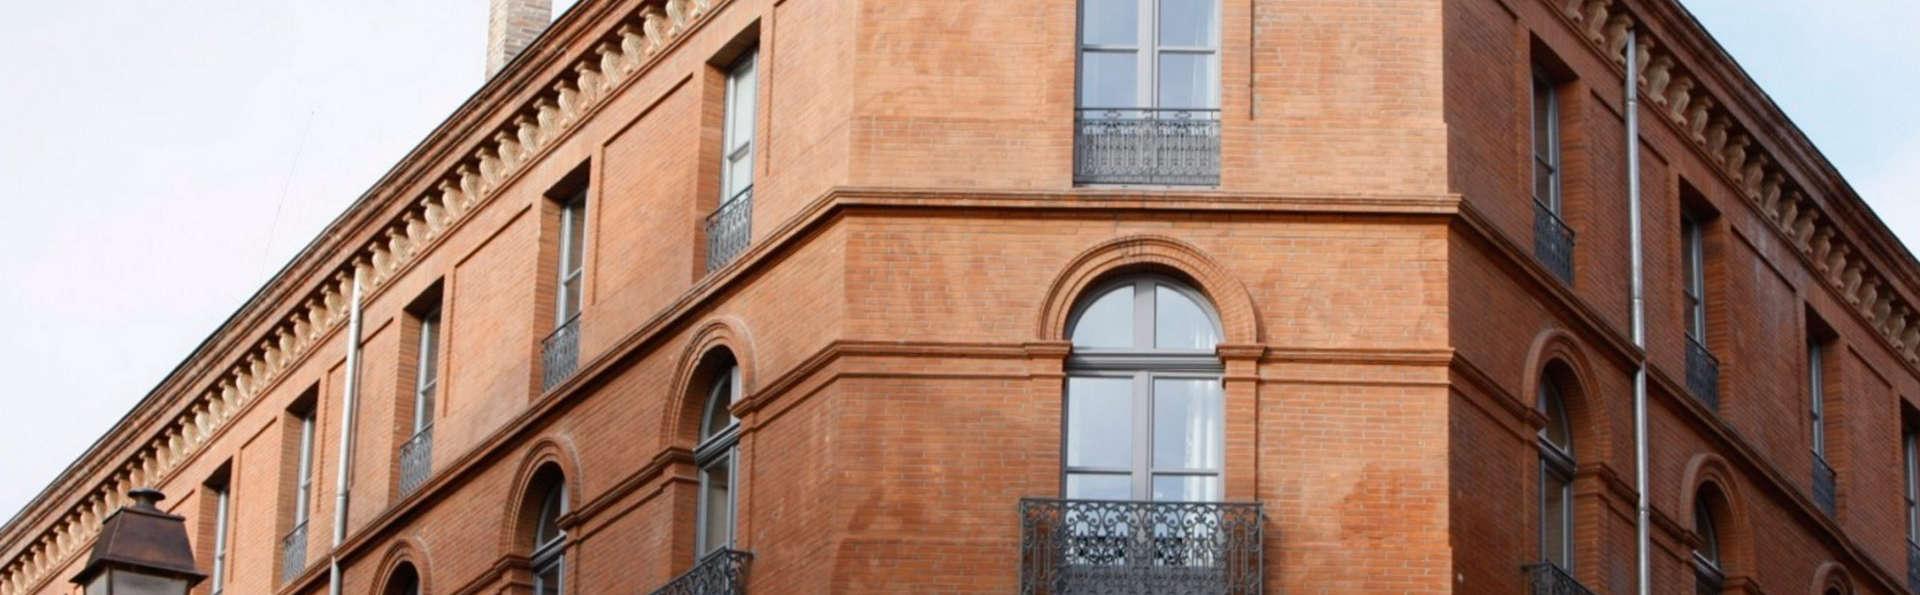 Hôtel Le Grand Balcon - EDIT_front.jpg